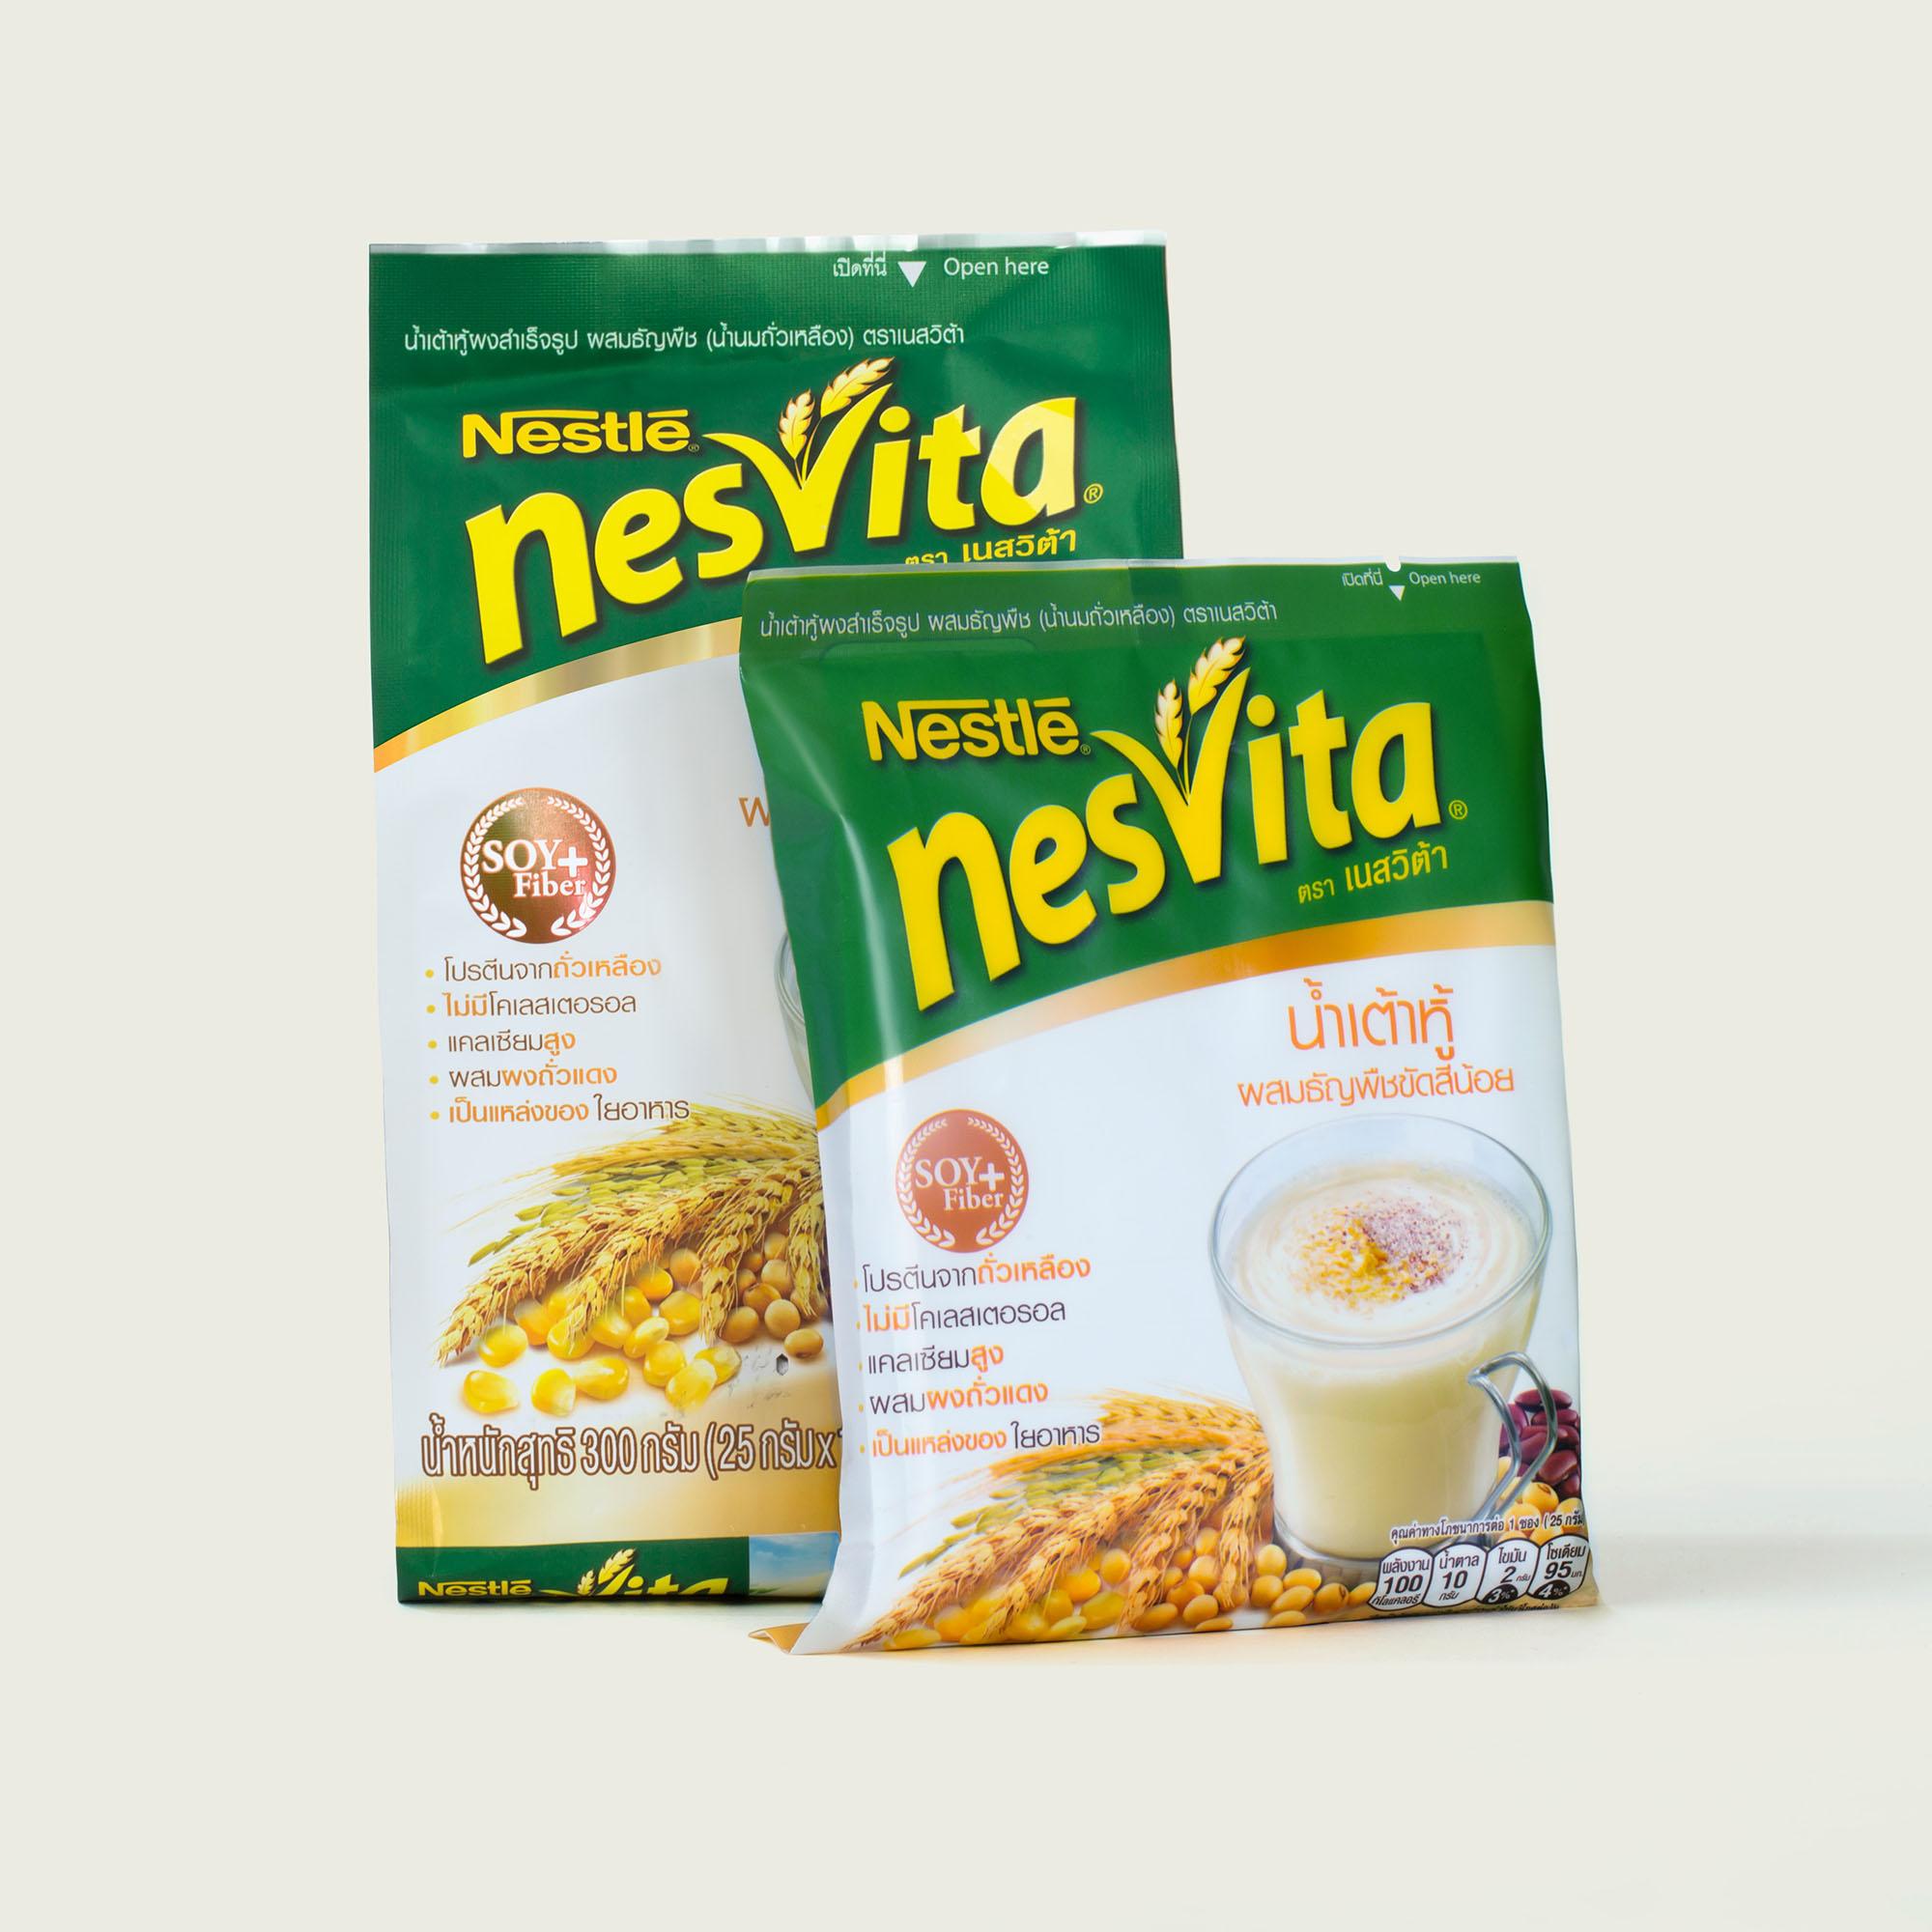 Nestle Nesvita Packaging Design